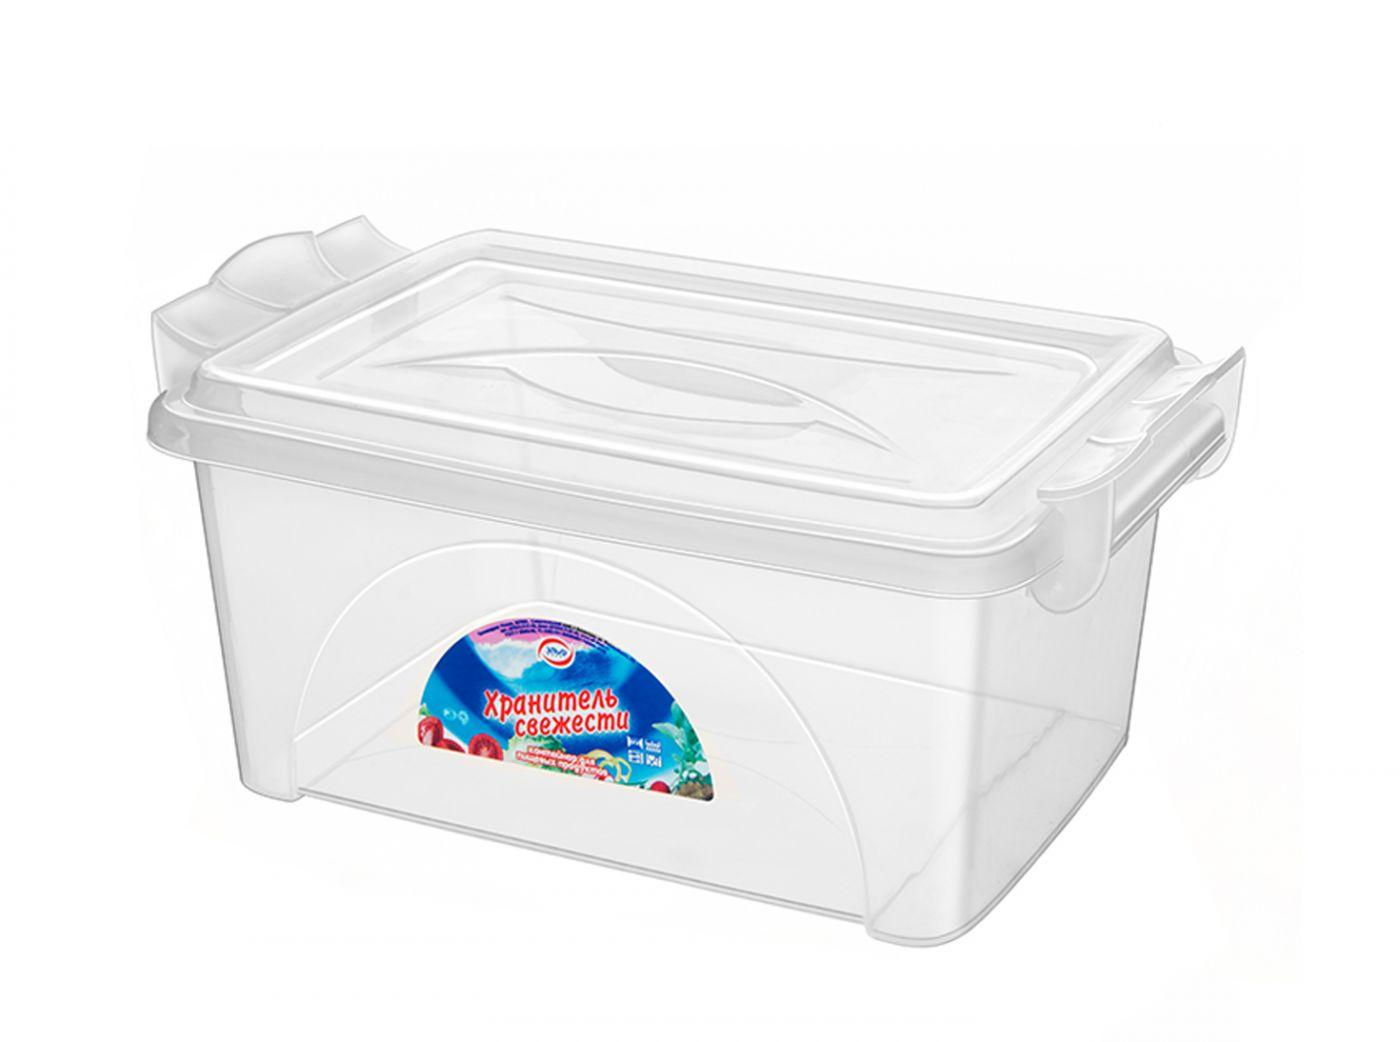 Контейнер для хранения Эльфпласт Хранитель свежести 22 литра прозрачный с крышкой 44x31,5x21,5 см